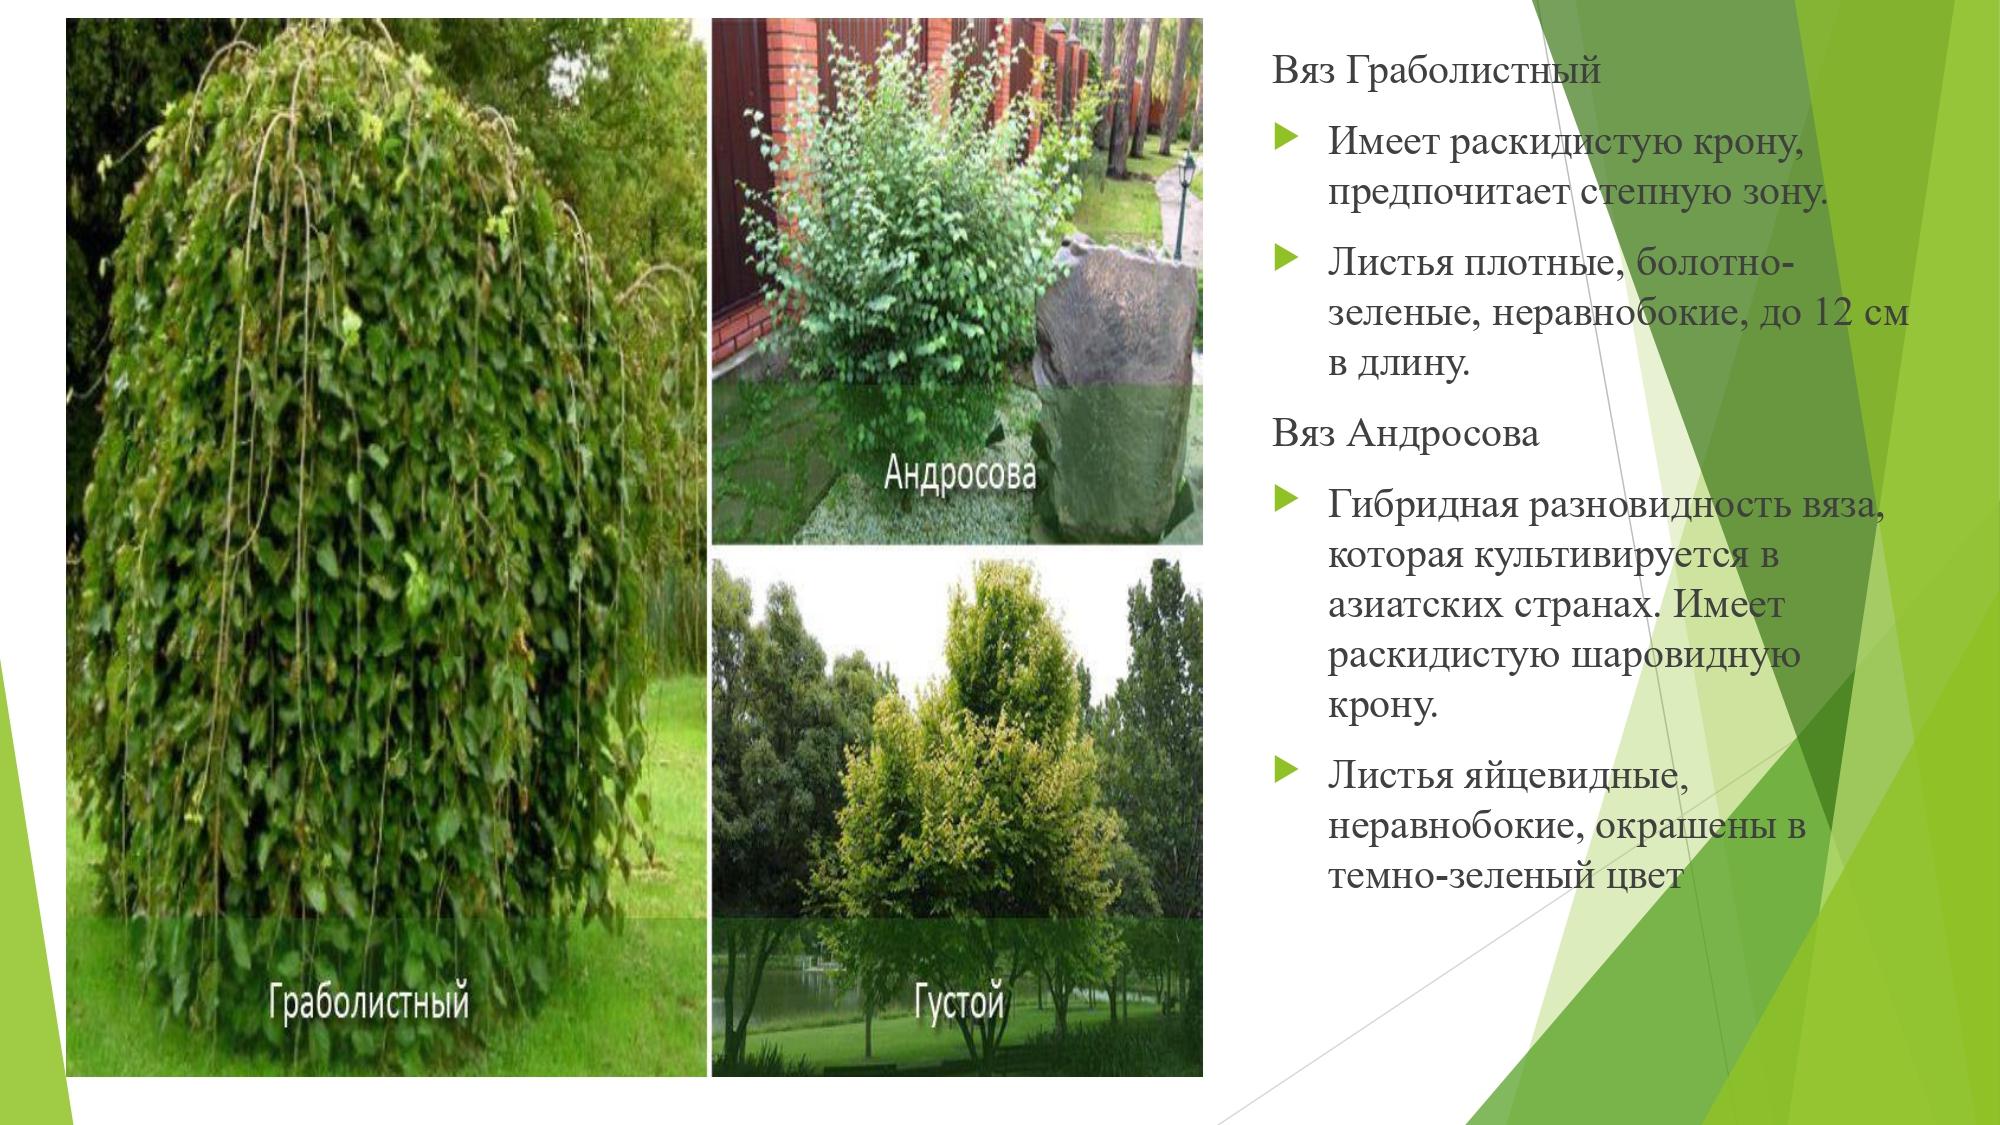 декорат.раст_page-0013